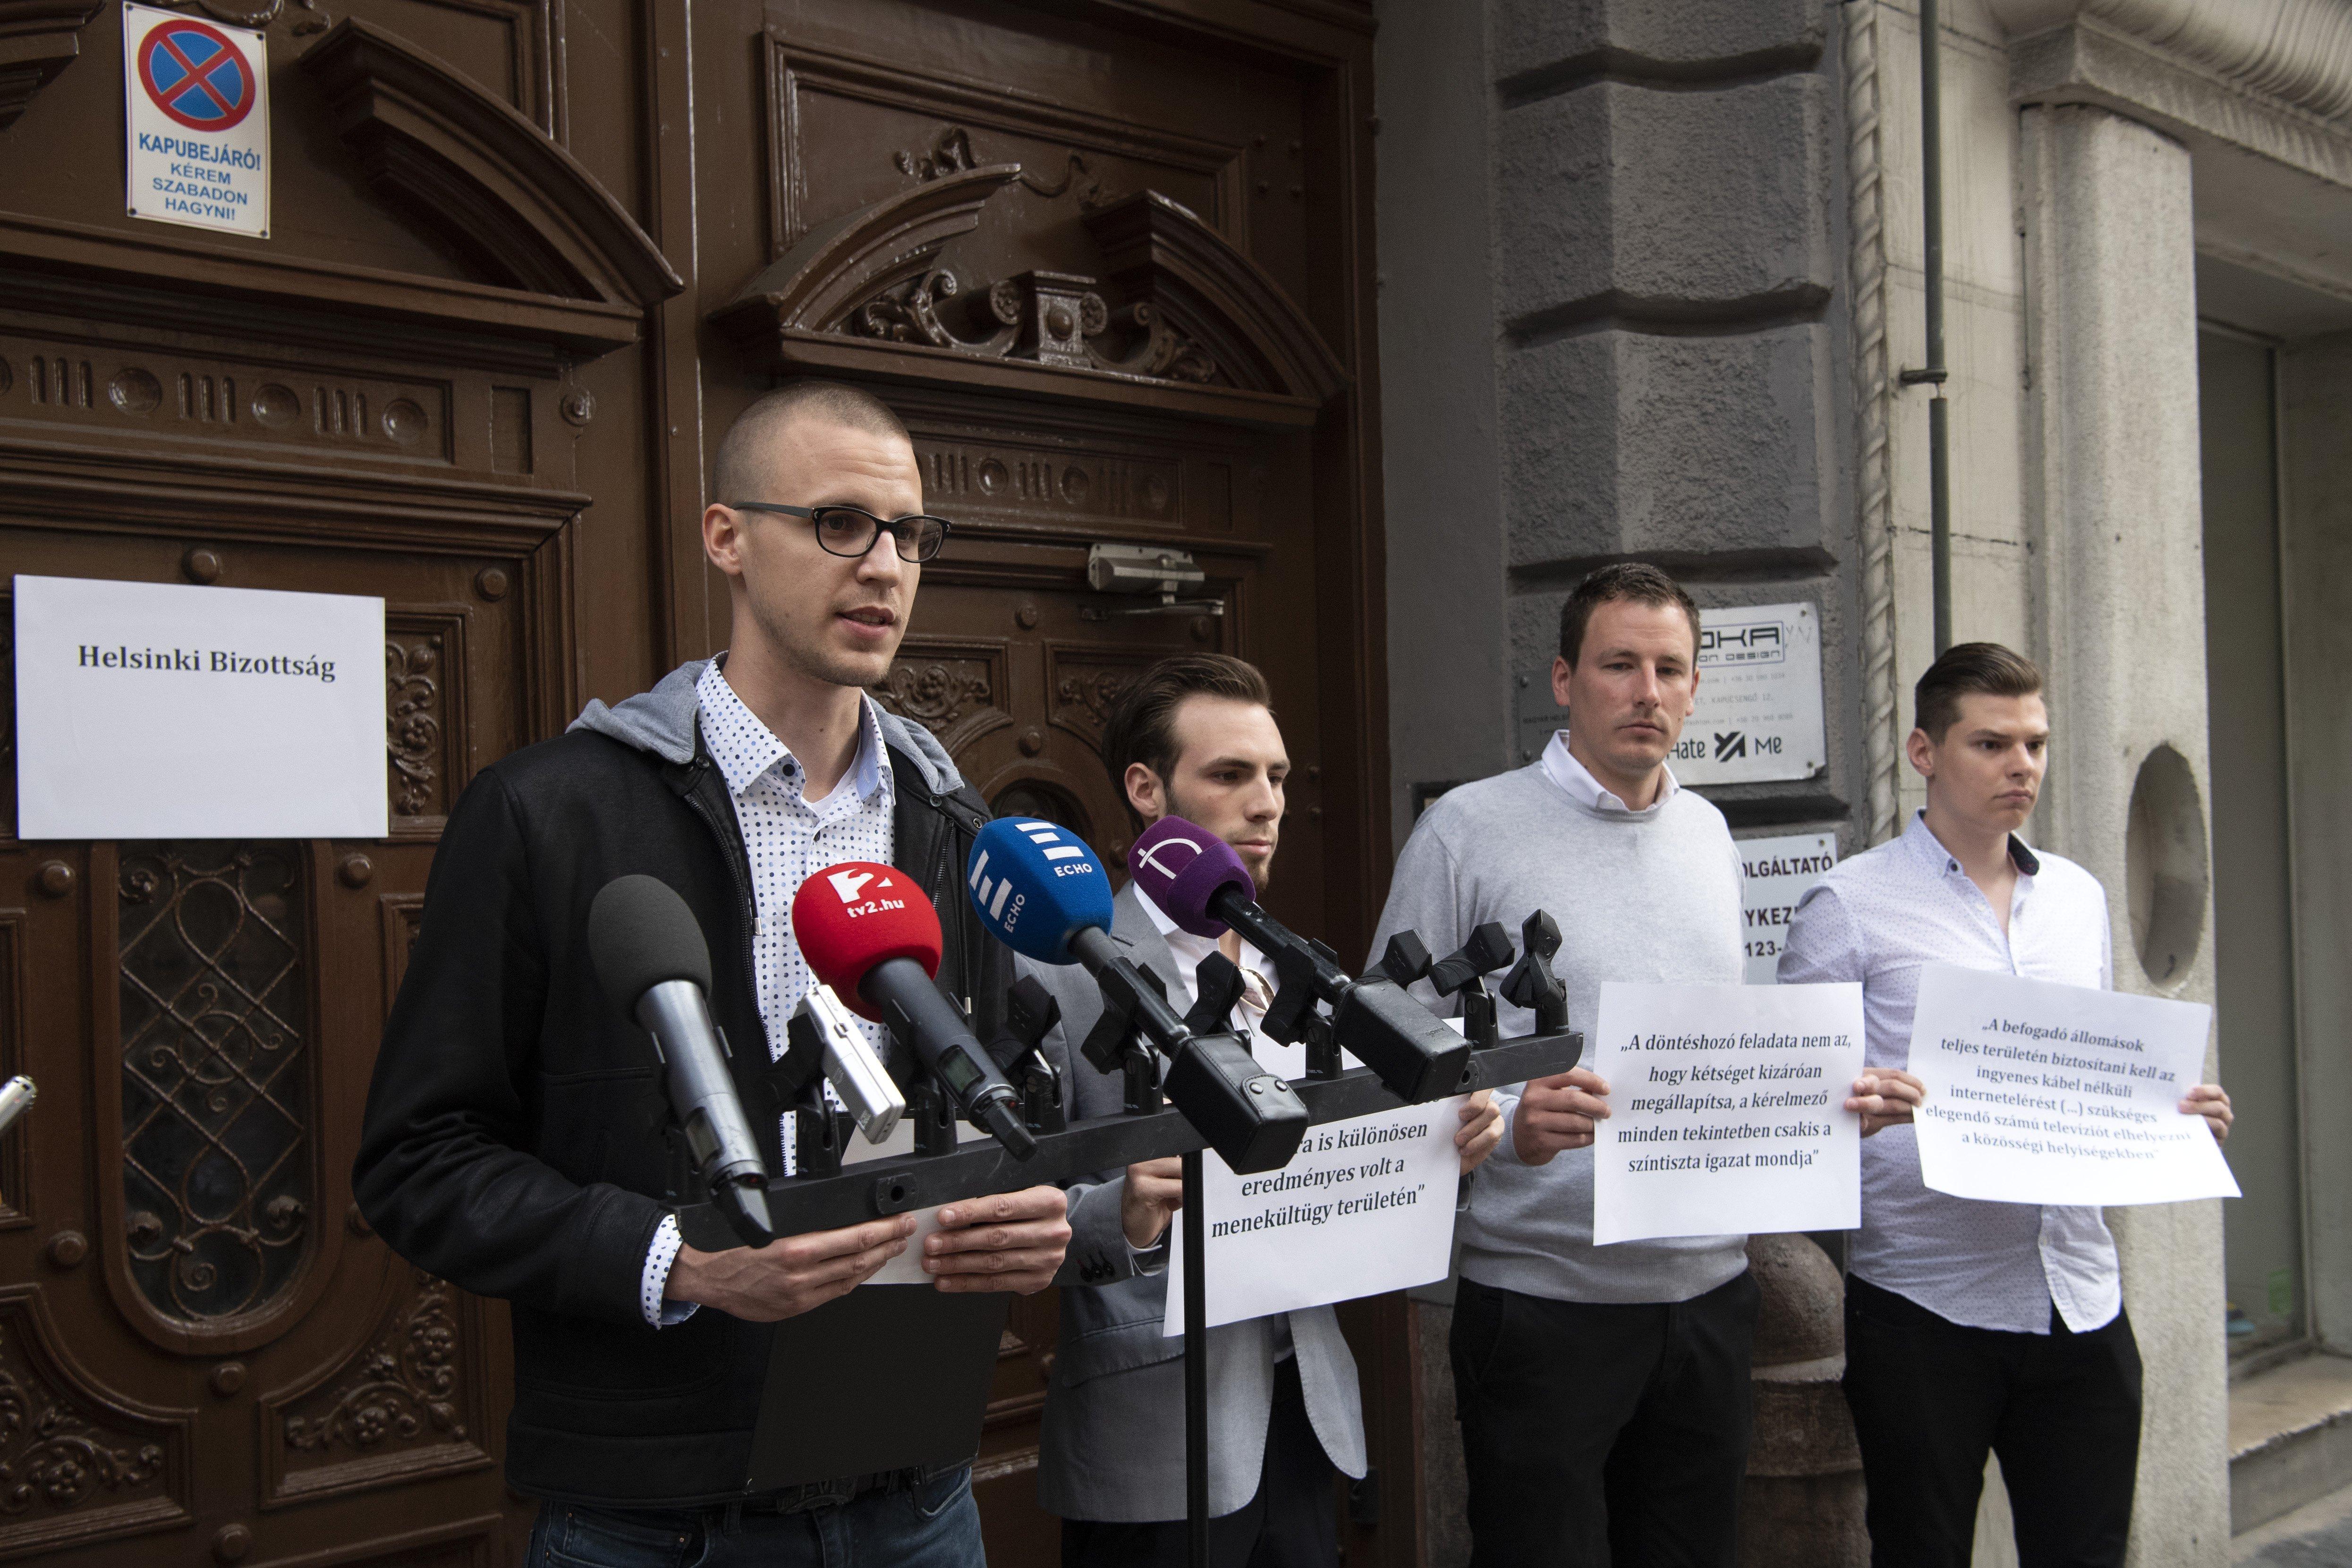 A kétharmados Fidesz a világ legnevetségesebb kampányában most a Helsinki Bizottság ajtaját matricázta le